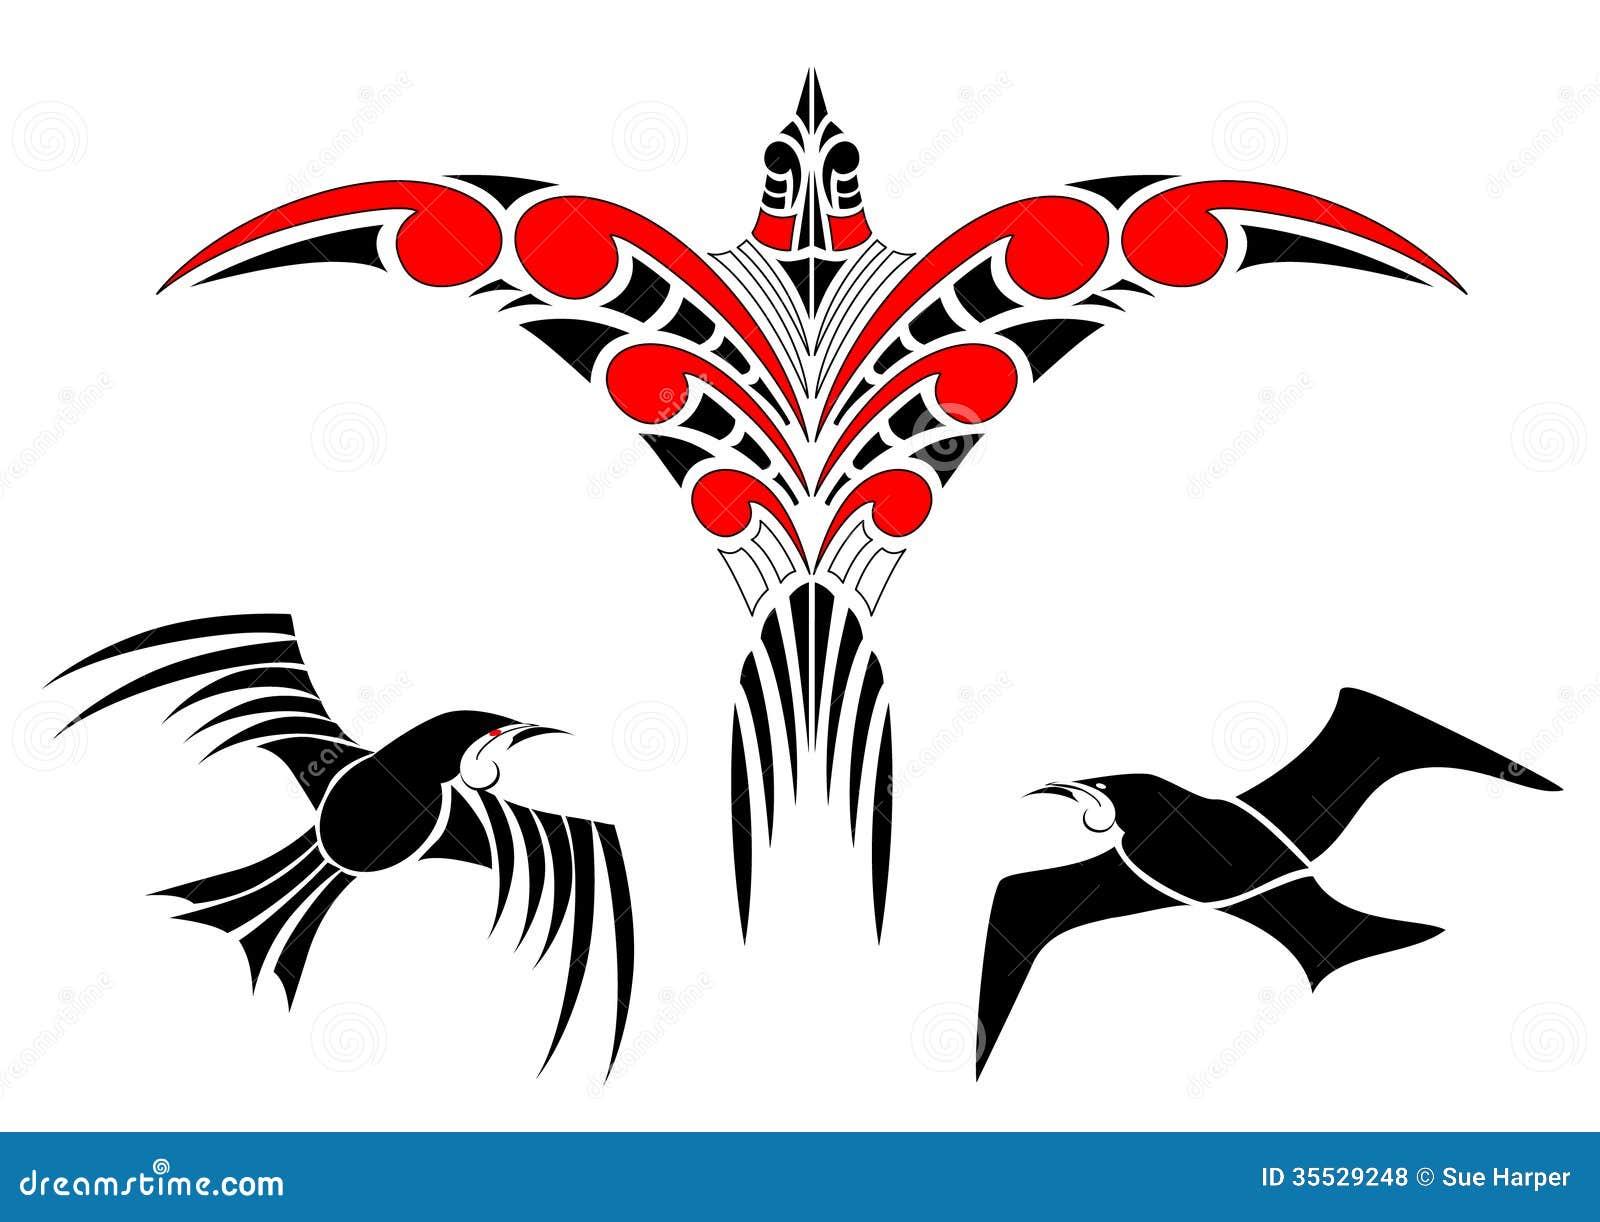 Maori Koru Bird Designs With Tui Royalty Free Stock Photos